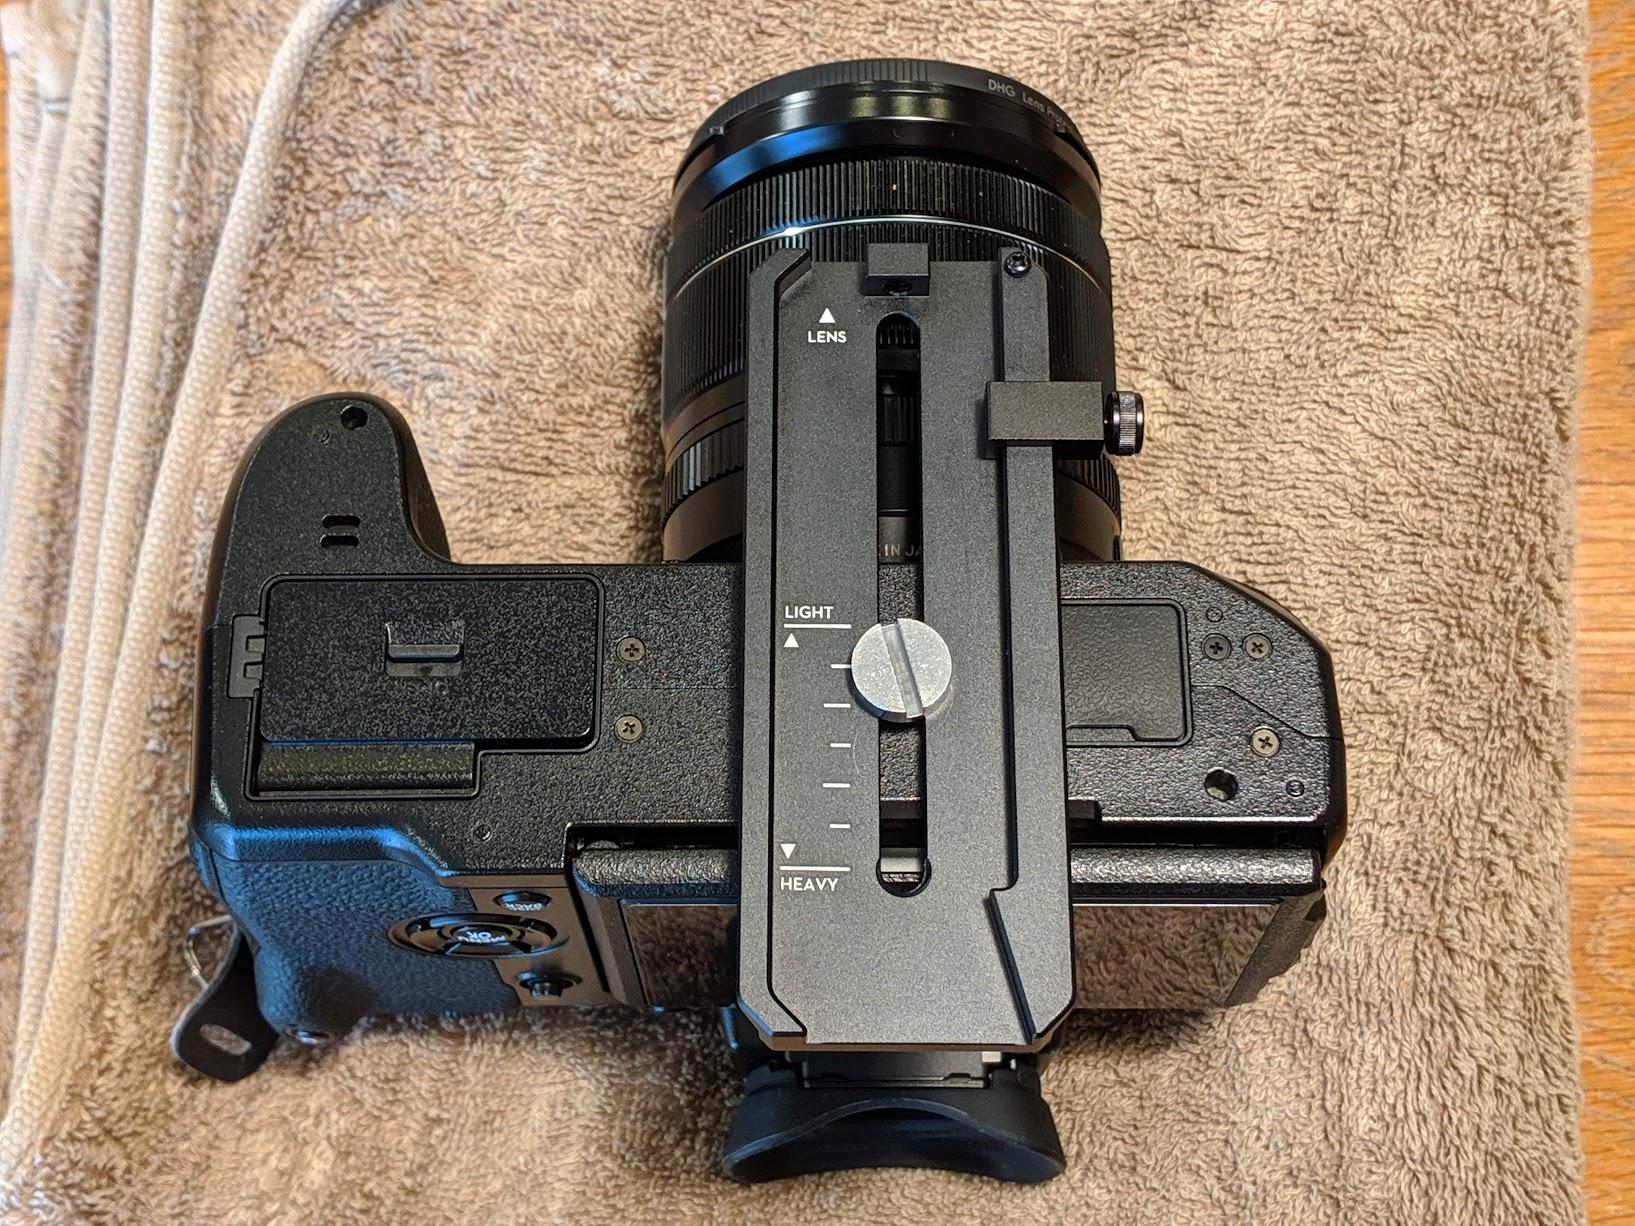 カメラの三脚穴にクイックリリースプレートを装着した状態